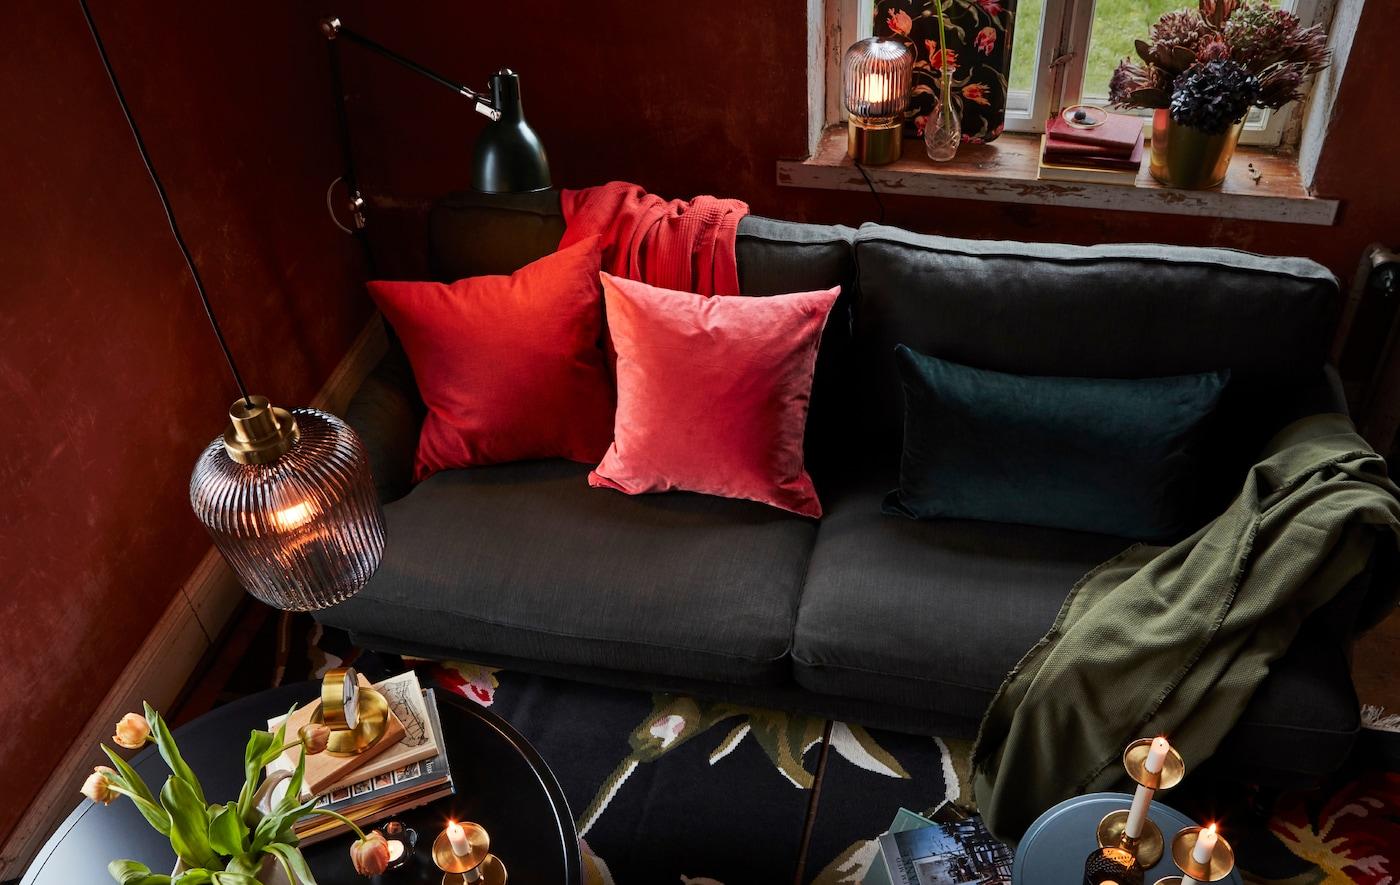 リビングルームに、ペンダントランプ、フロアランプ、テーブルランプが置かれ、カラフルなクッションが置かれたソファが、温かく居心地のよい雰囲気を醸し出しています。